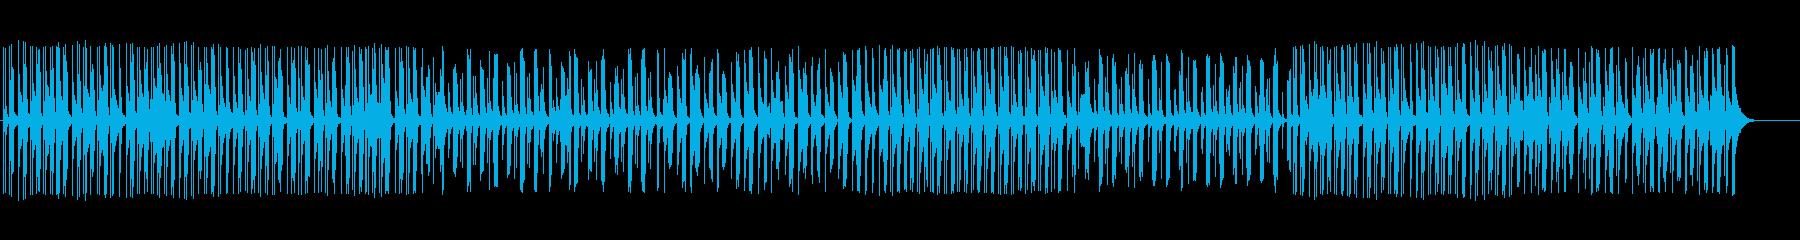 まったり木琴のゆるかわポップ♫の再生済みの波形